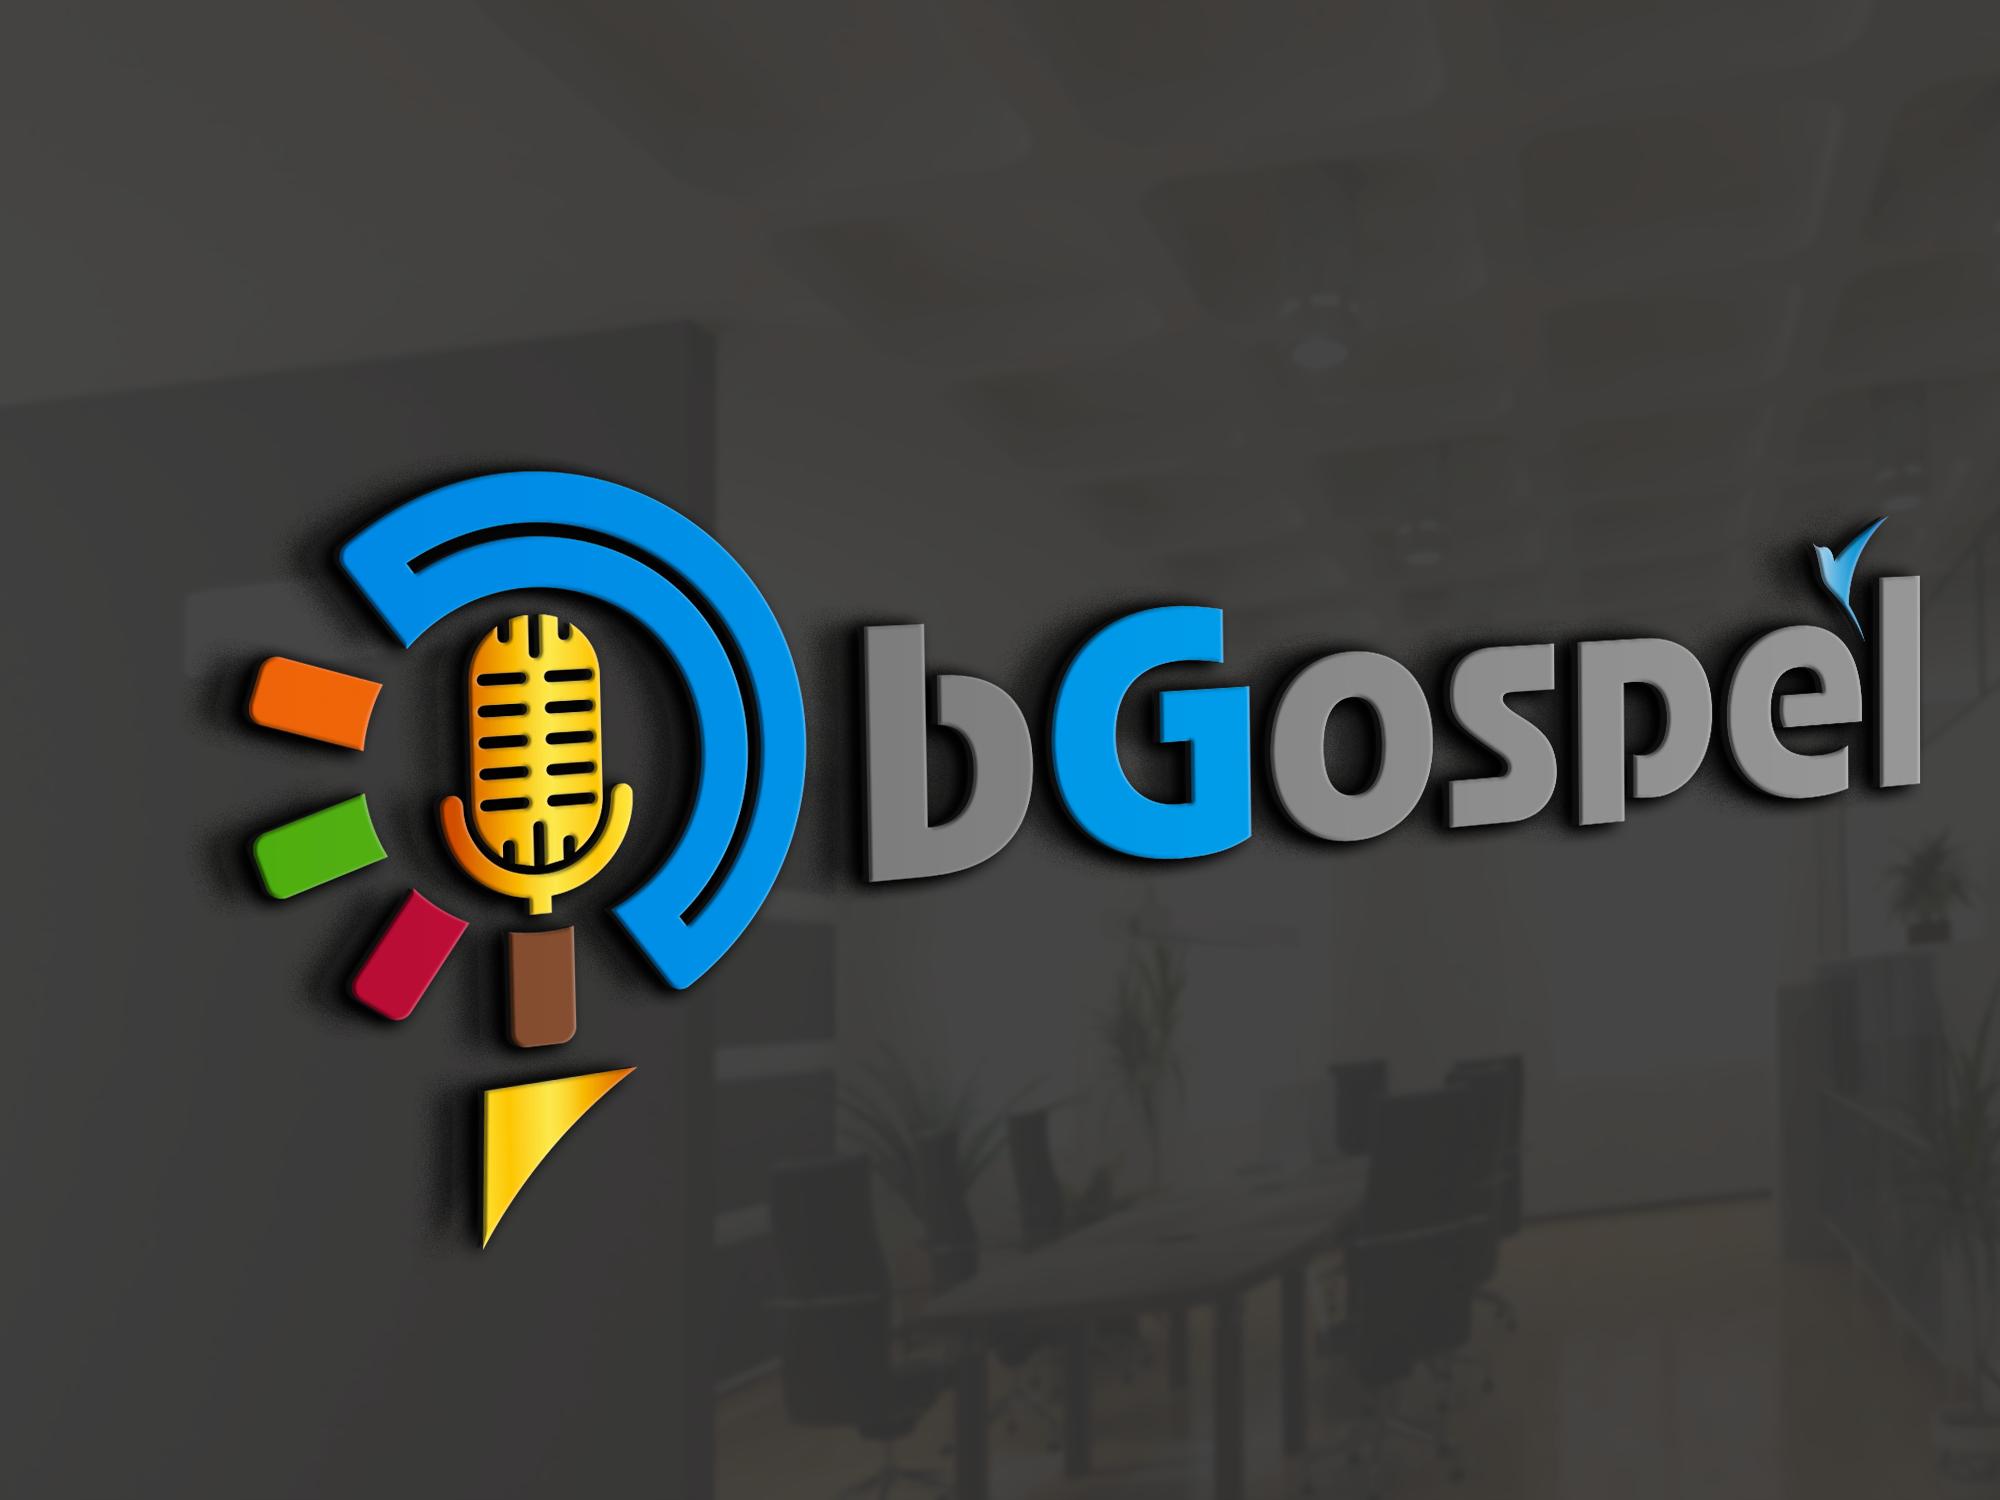 bGospel.com